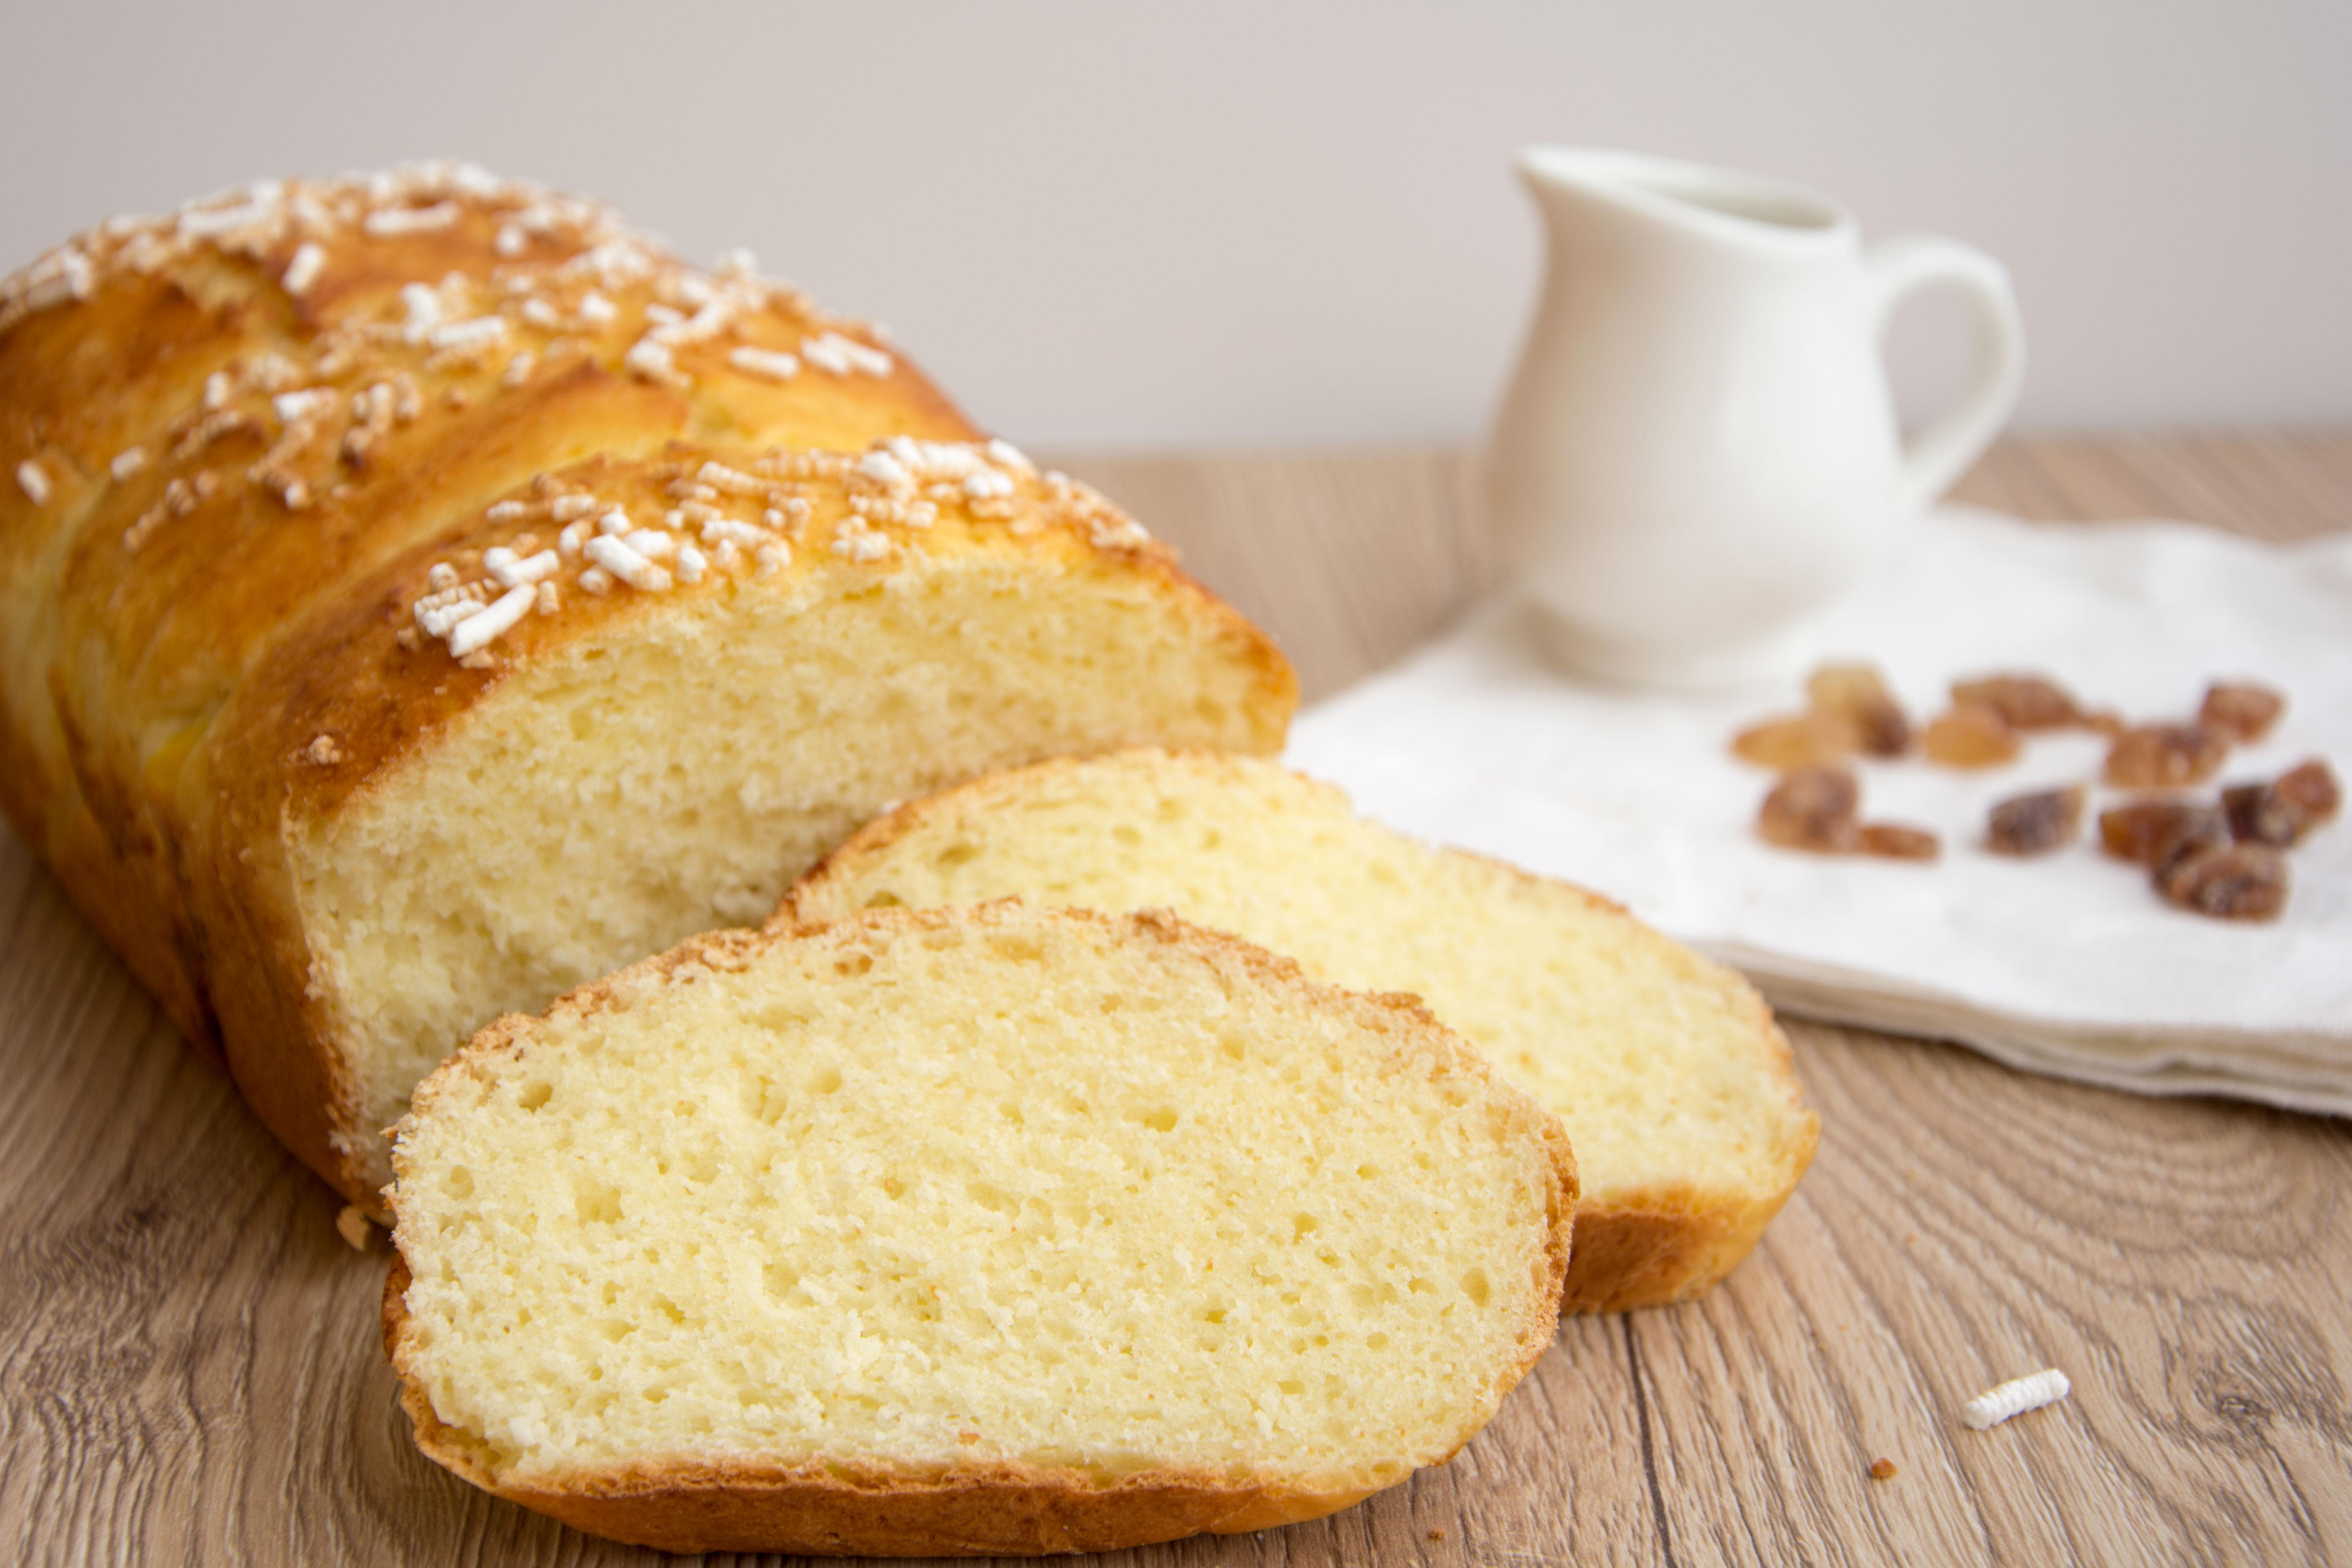 Ricetta Brioches Senza Glutine.Pan Brioche Facilissimo Senza Glutine Per Una Colazione Sofficissima